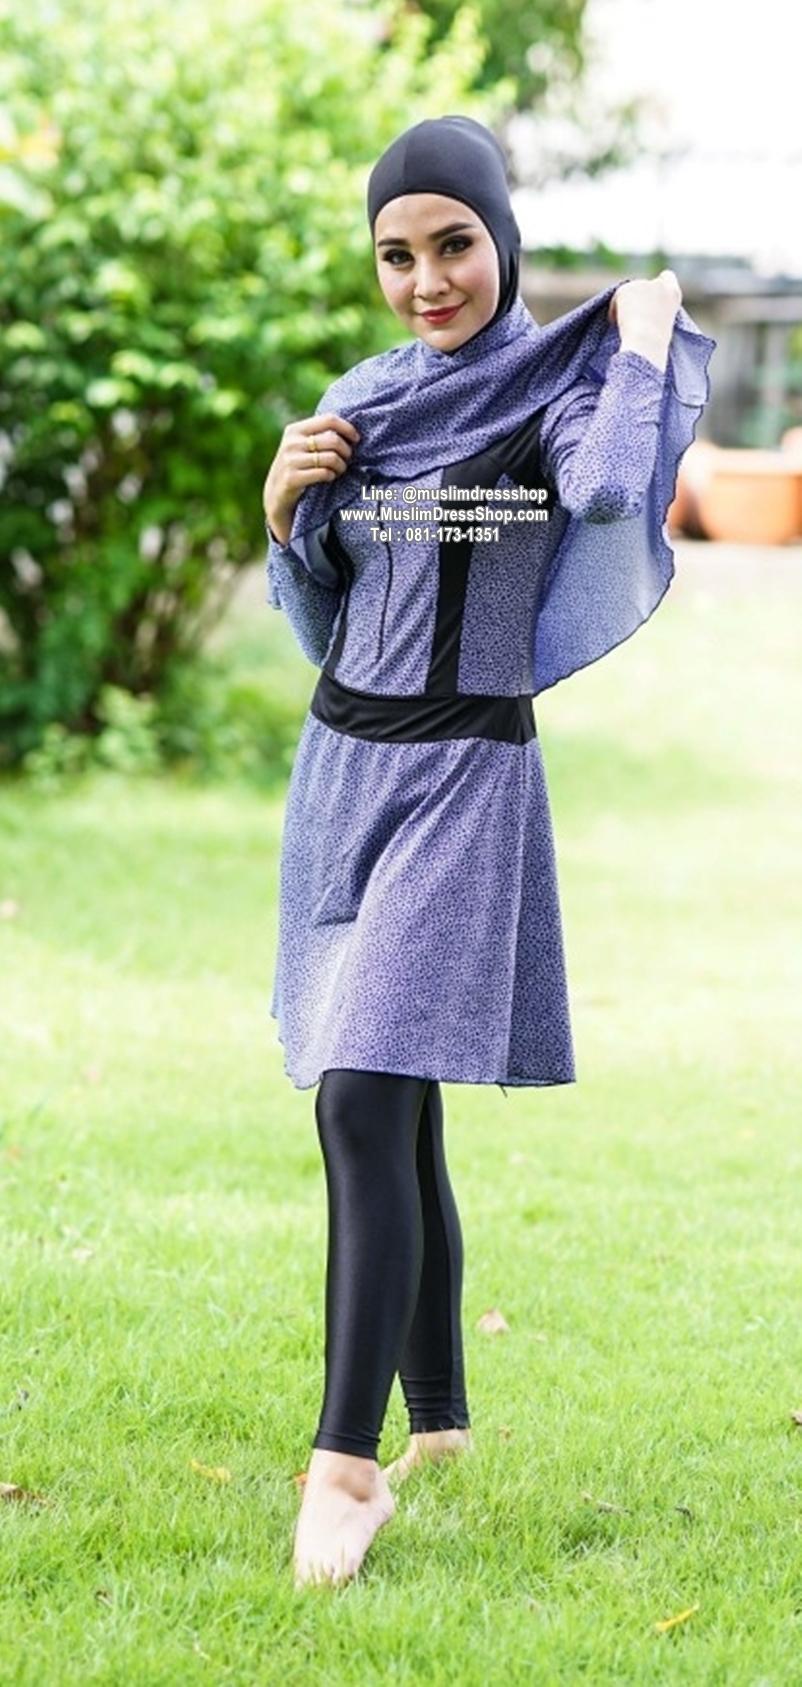 ชุดว่ายน้ํามุสลิม Muslim swimsuit Islamic Swimwear Muslim Swimwear Islamic Swimming Suits ประตูน้ํา اشتري المايوه المسلمين بسعر الجملة على الانترنت ชุดว่ายน้ํามุสลิม หาดใหญ่ชุดว่ายน้ำมุสลิม ประตูน้ำชุดว่ายน้ำมุสลิมคนอ้วน ชุดว่ายน้ํามุสลิม มือสองชุดว่ายน้ํามุสลิม মুসলিম সাঁতারের পোষাক ไซส์ใหญ่ชุดว่ายน้ํามุสลิม lazadaชุดว่ายน้ํามุสลิม facebook ชุดว่ายน้ำมุสลิม สั่งซื้อ สั่งจองได้แล้วที่นี่ จำหน่ายชุดว่ายน้ำ ทุกแบบ 穆斯林泳装 ชุดว่ายน้ำมุสลิมะห์ ชุดว่ายน้ำมุสลิมะห์ ซื้อ ชุดว่ายน้ำ มุสลิม ออนไลน์ ที่เดียวมีทุกอย่าง@MuslimDressshop.com